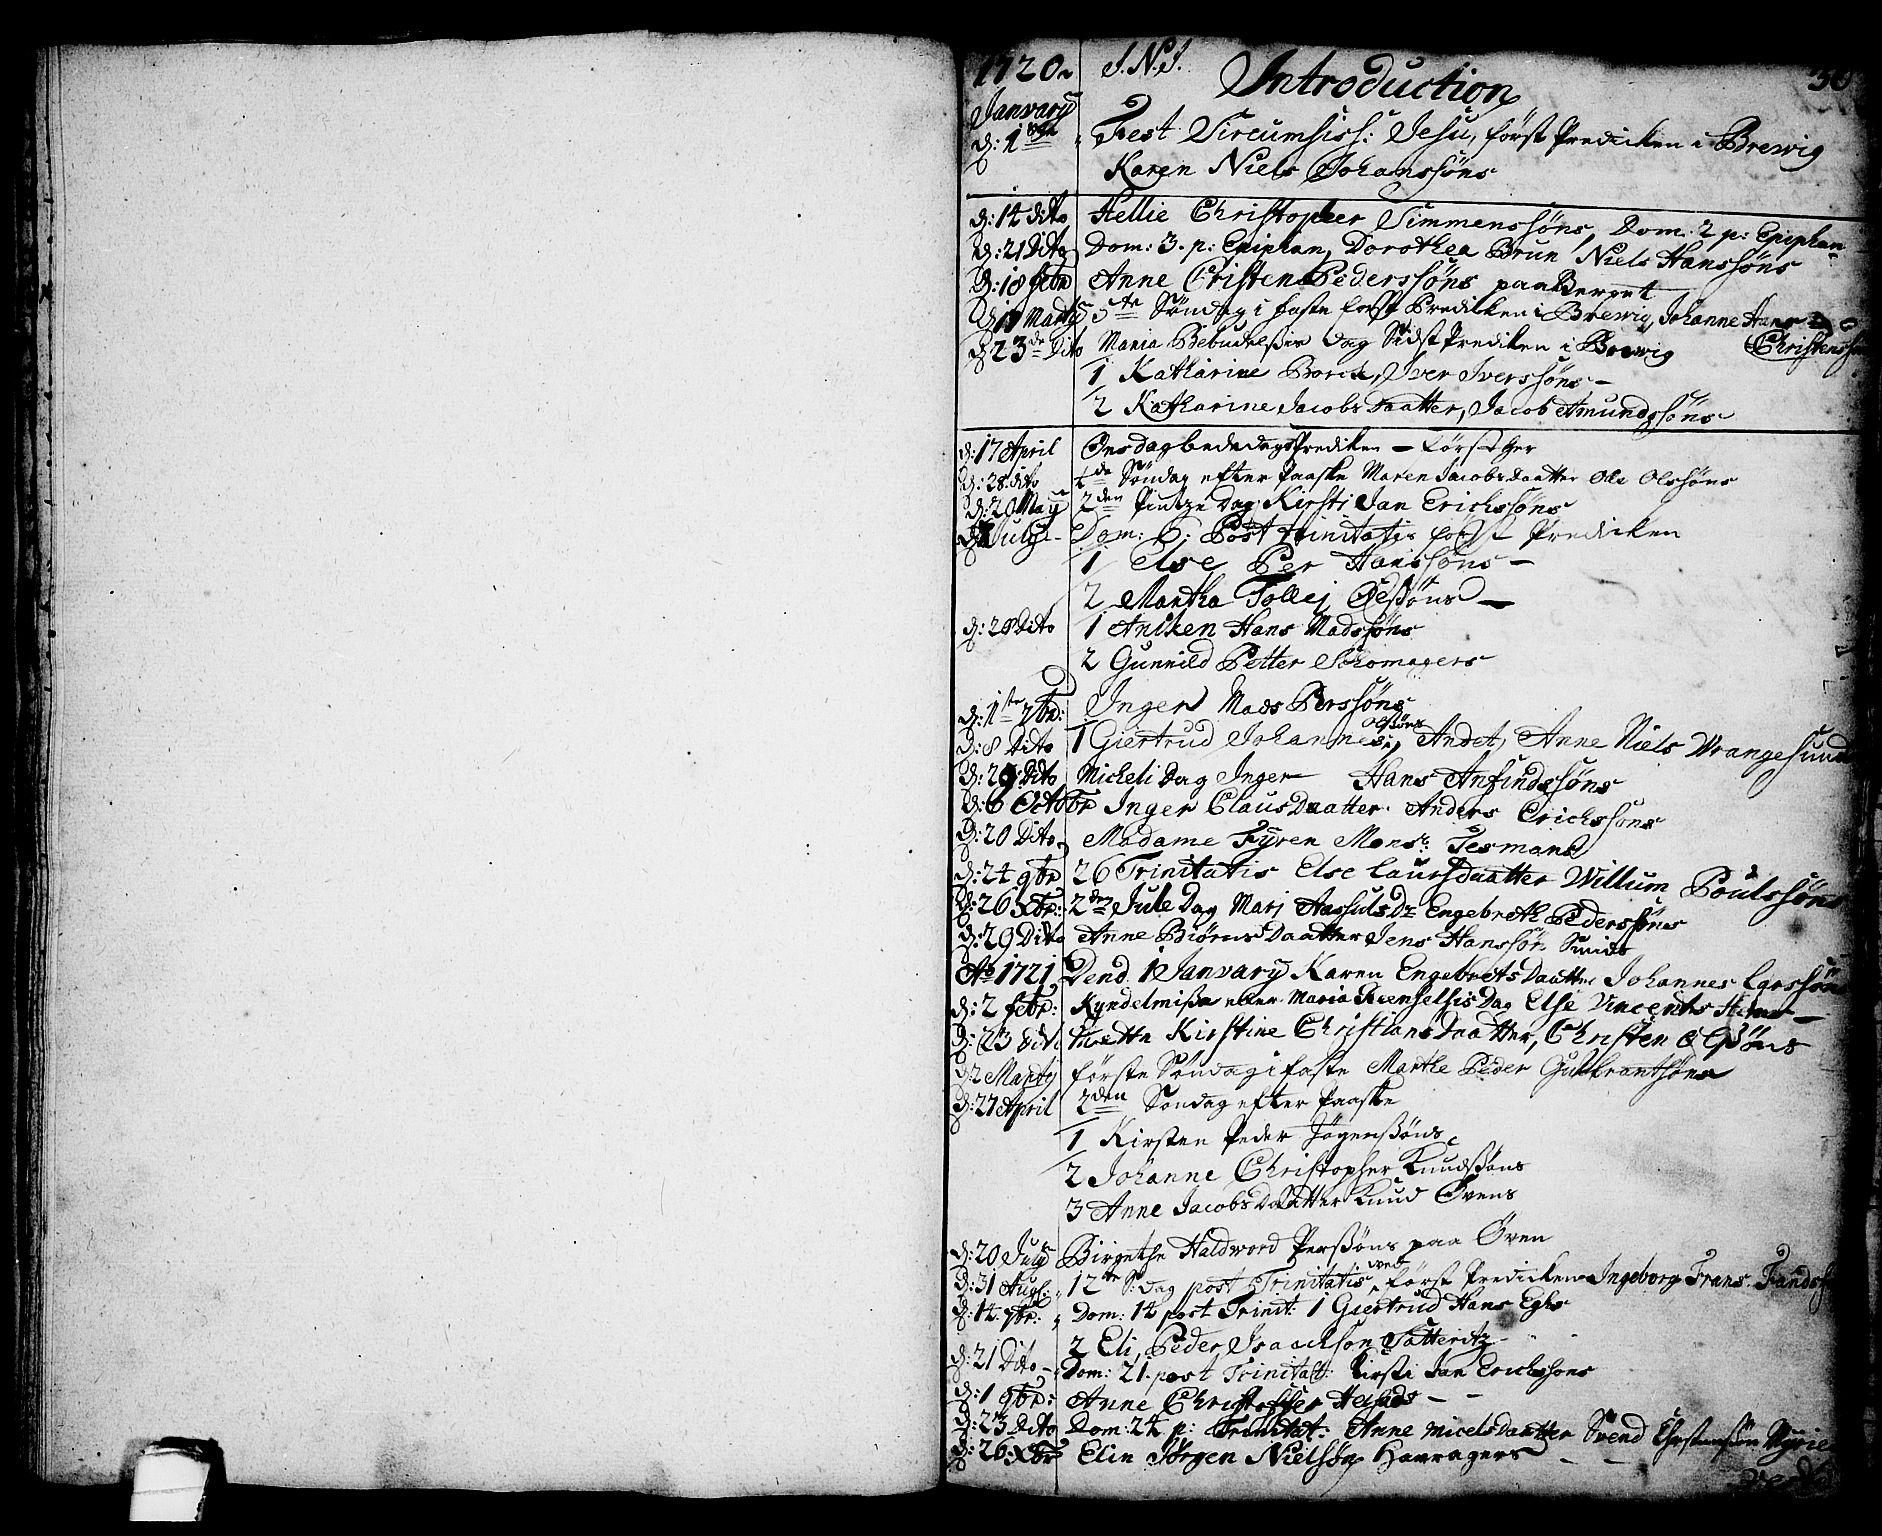 SAKO, Brevik kirkebøker, F/Fa/L0002: Ministerialbok nr. 2, 1720-1764, s. 36